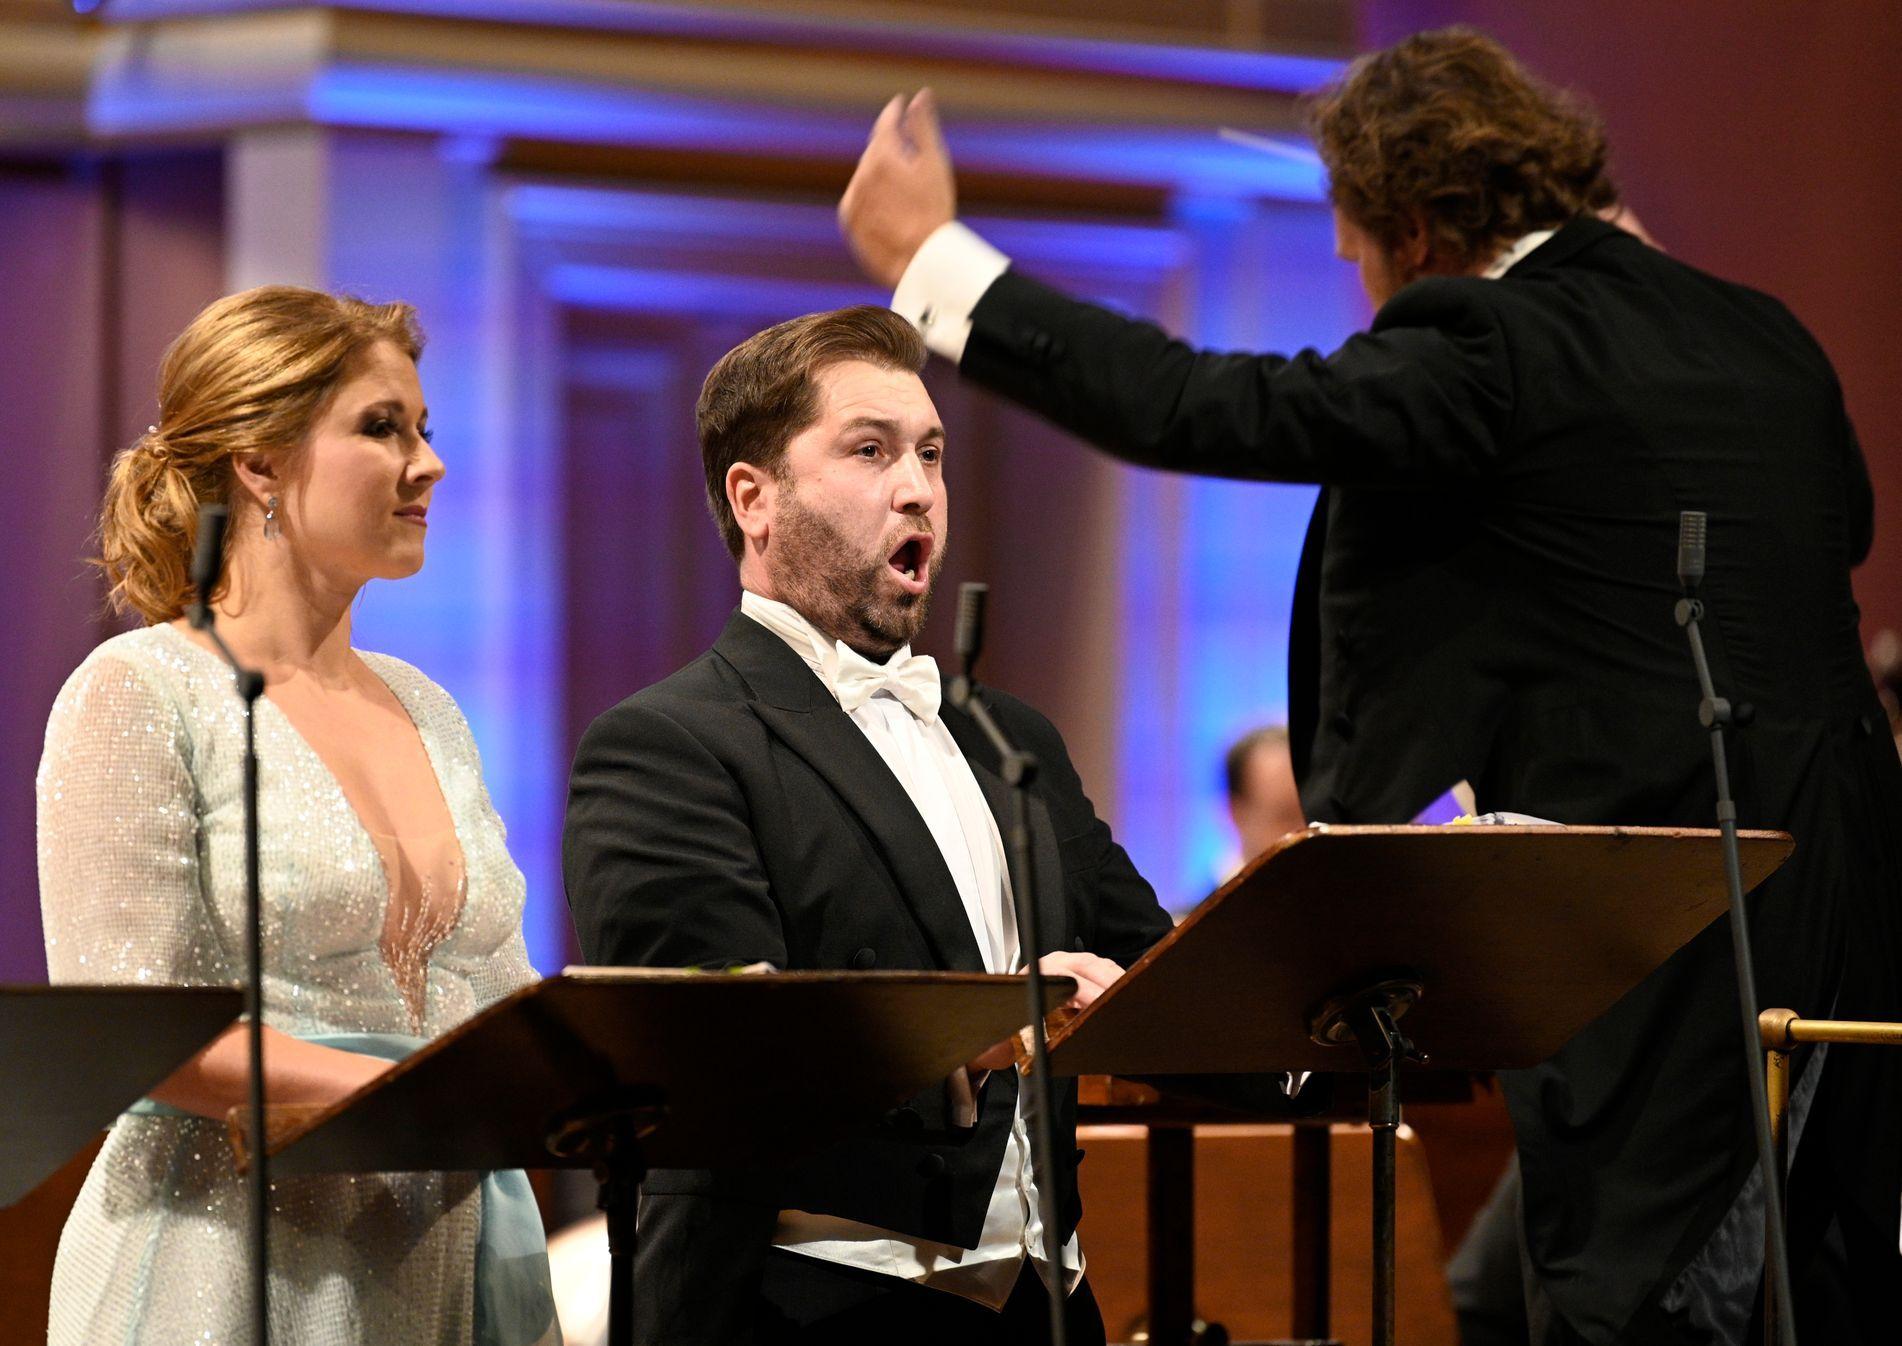 Seznamka milovníky opery